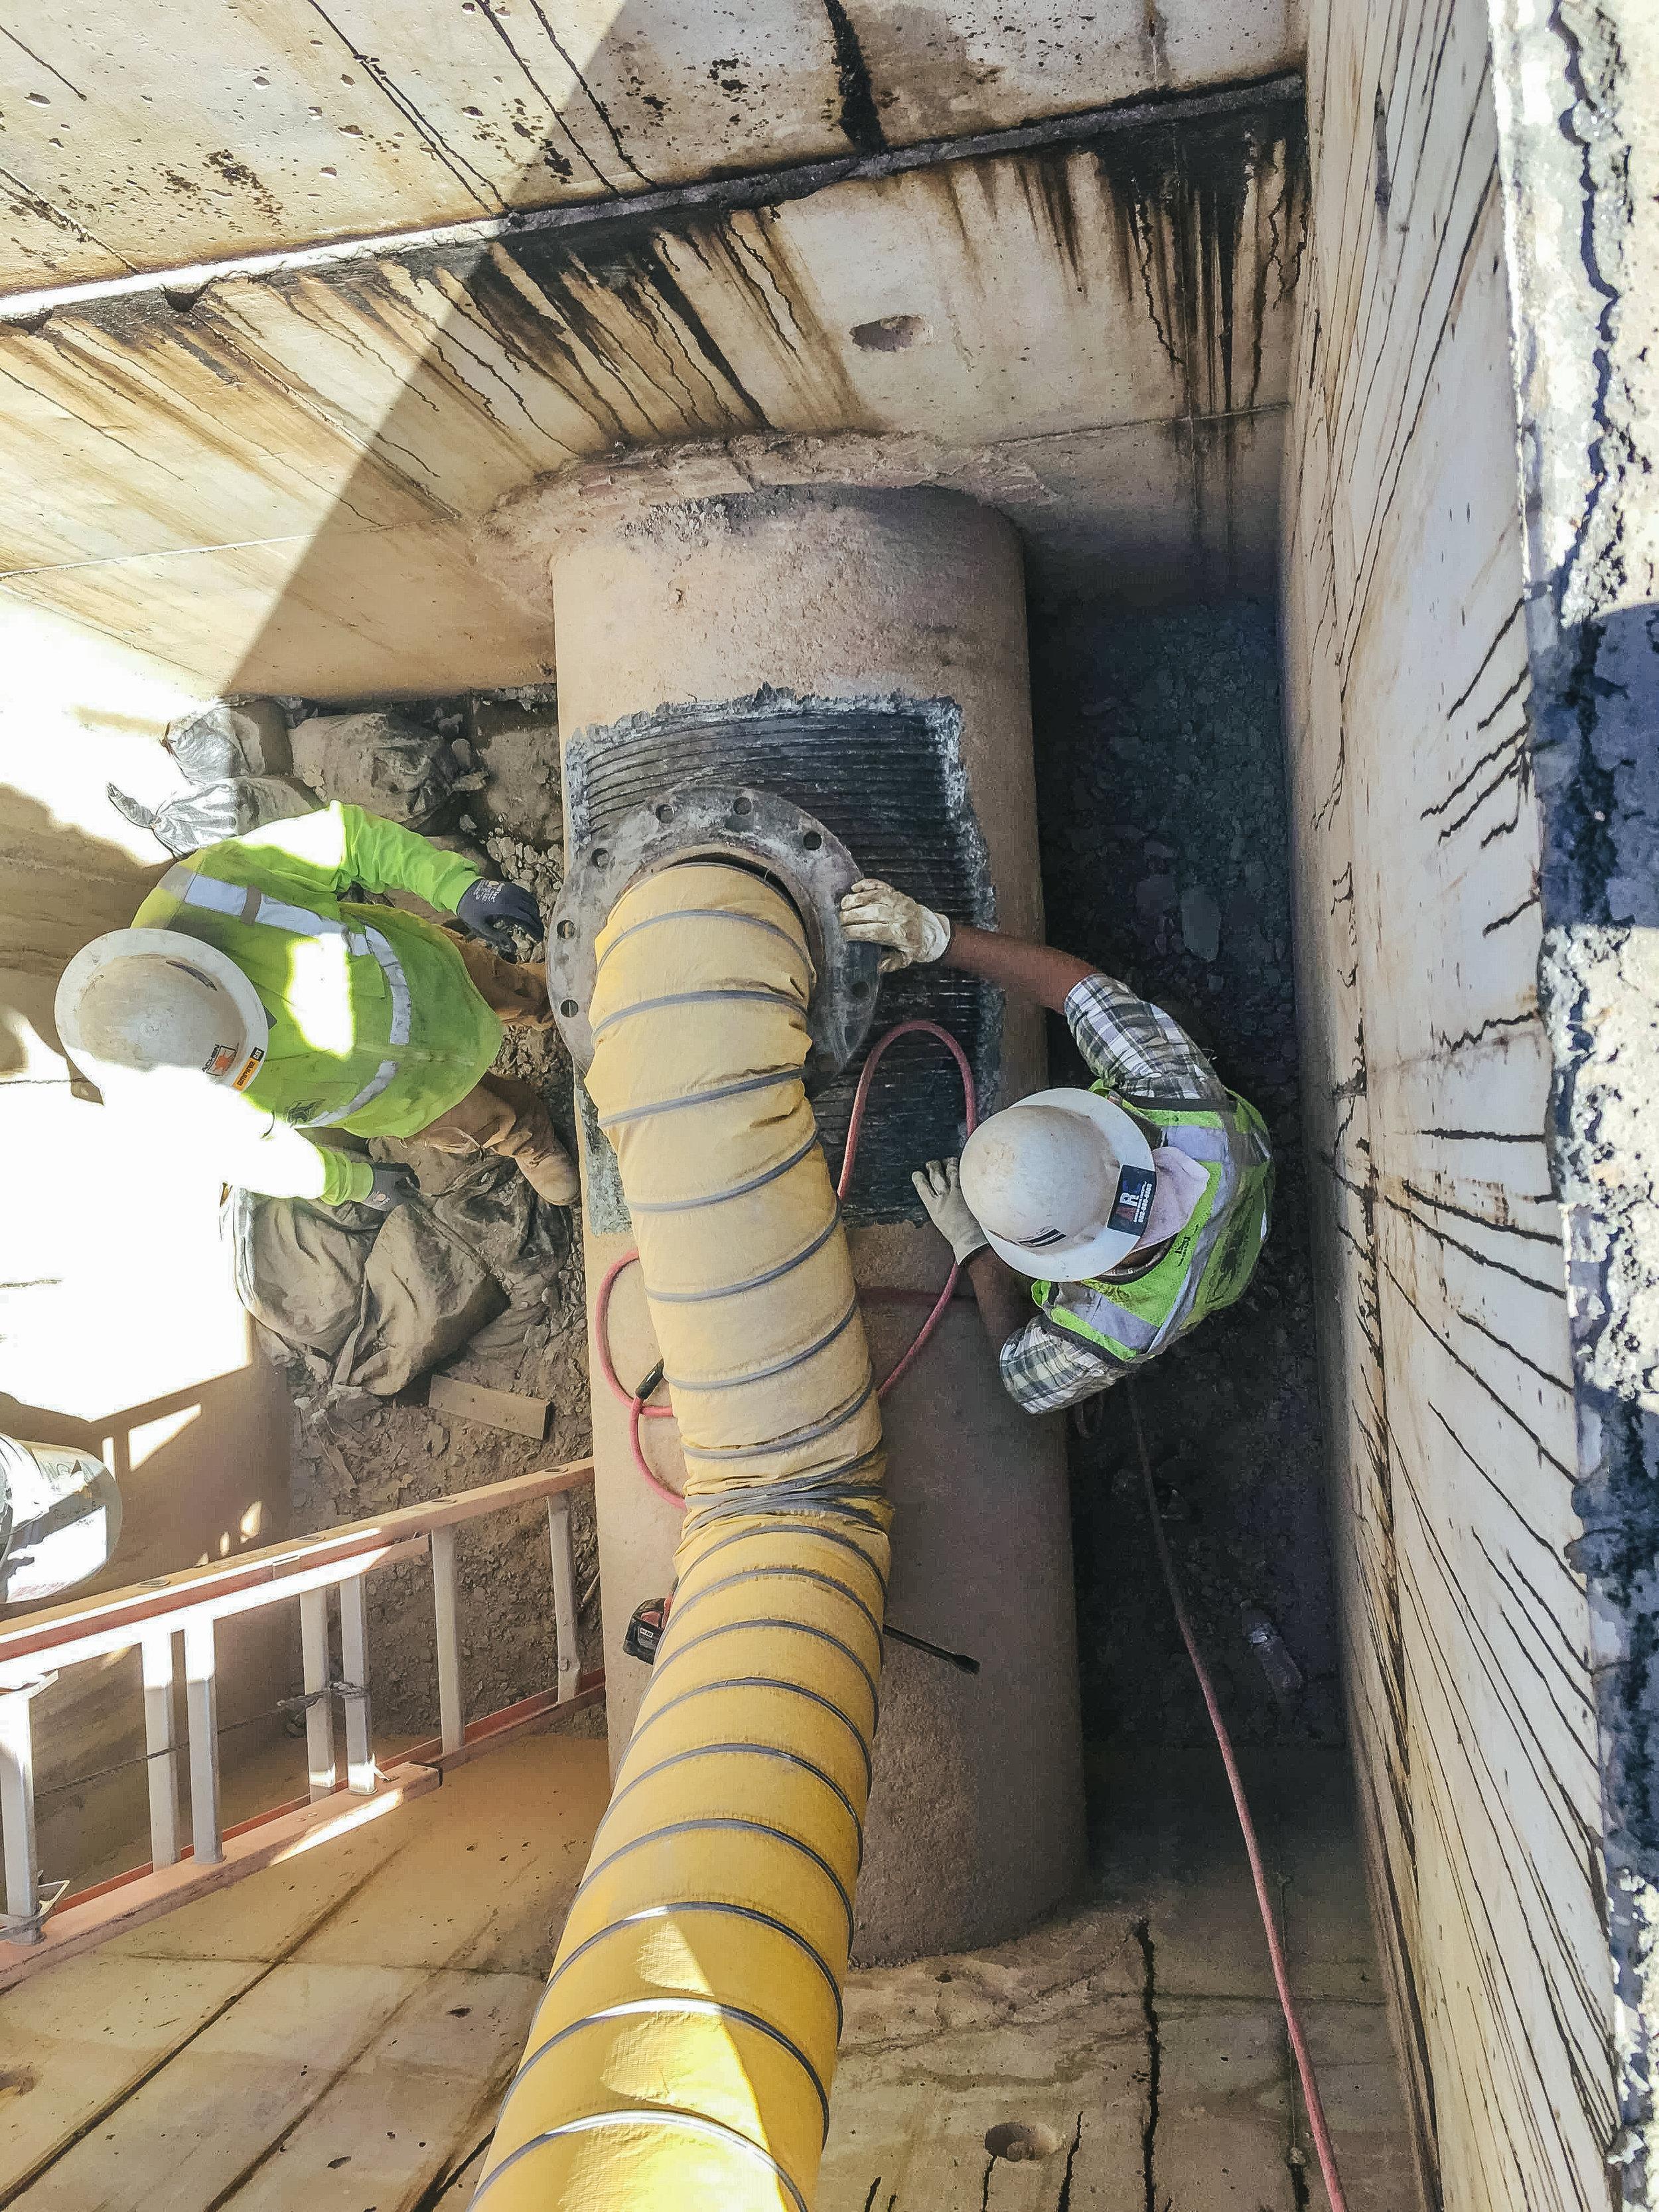 3639100 Chandler Water Main Valve and Emergency Repairs JOC6.jpg